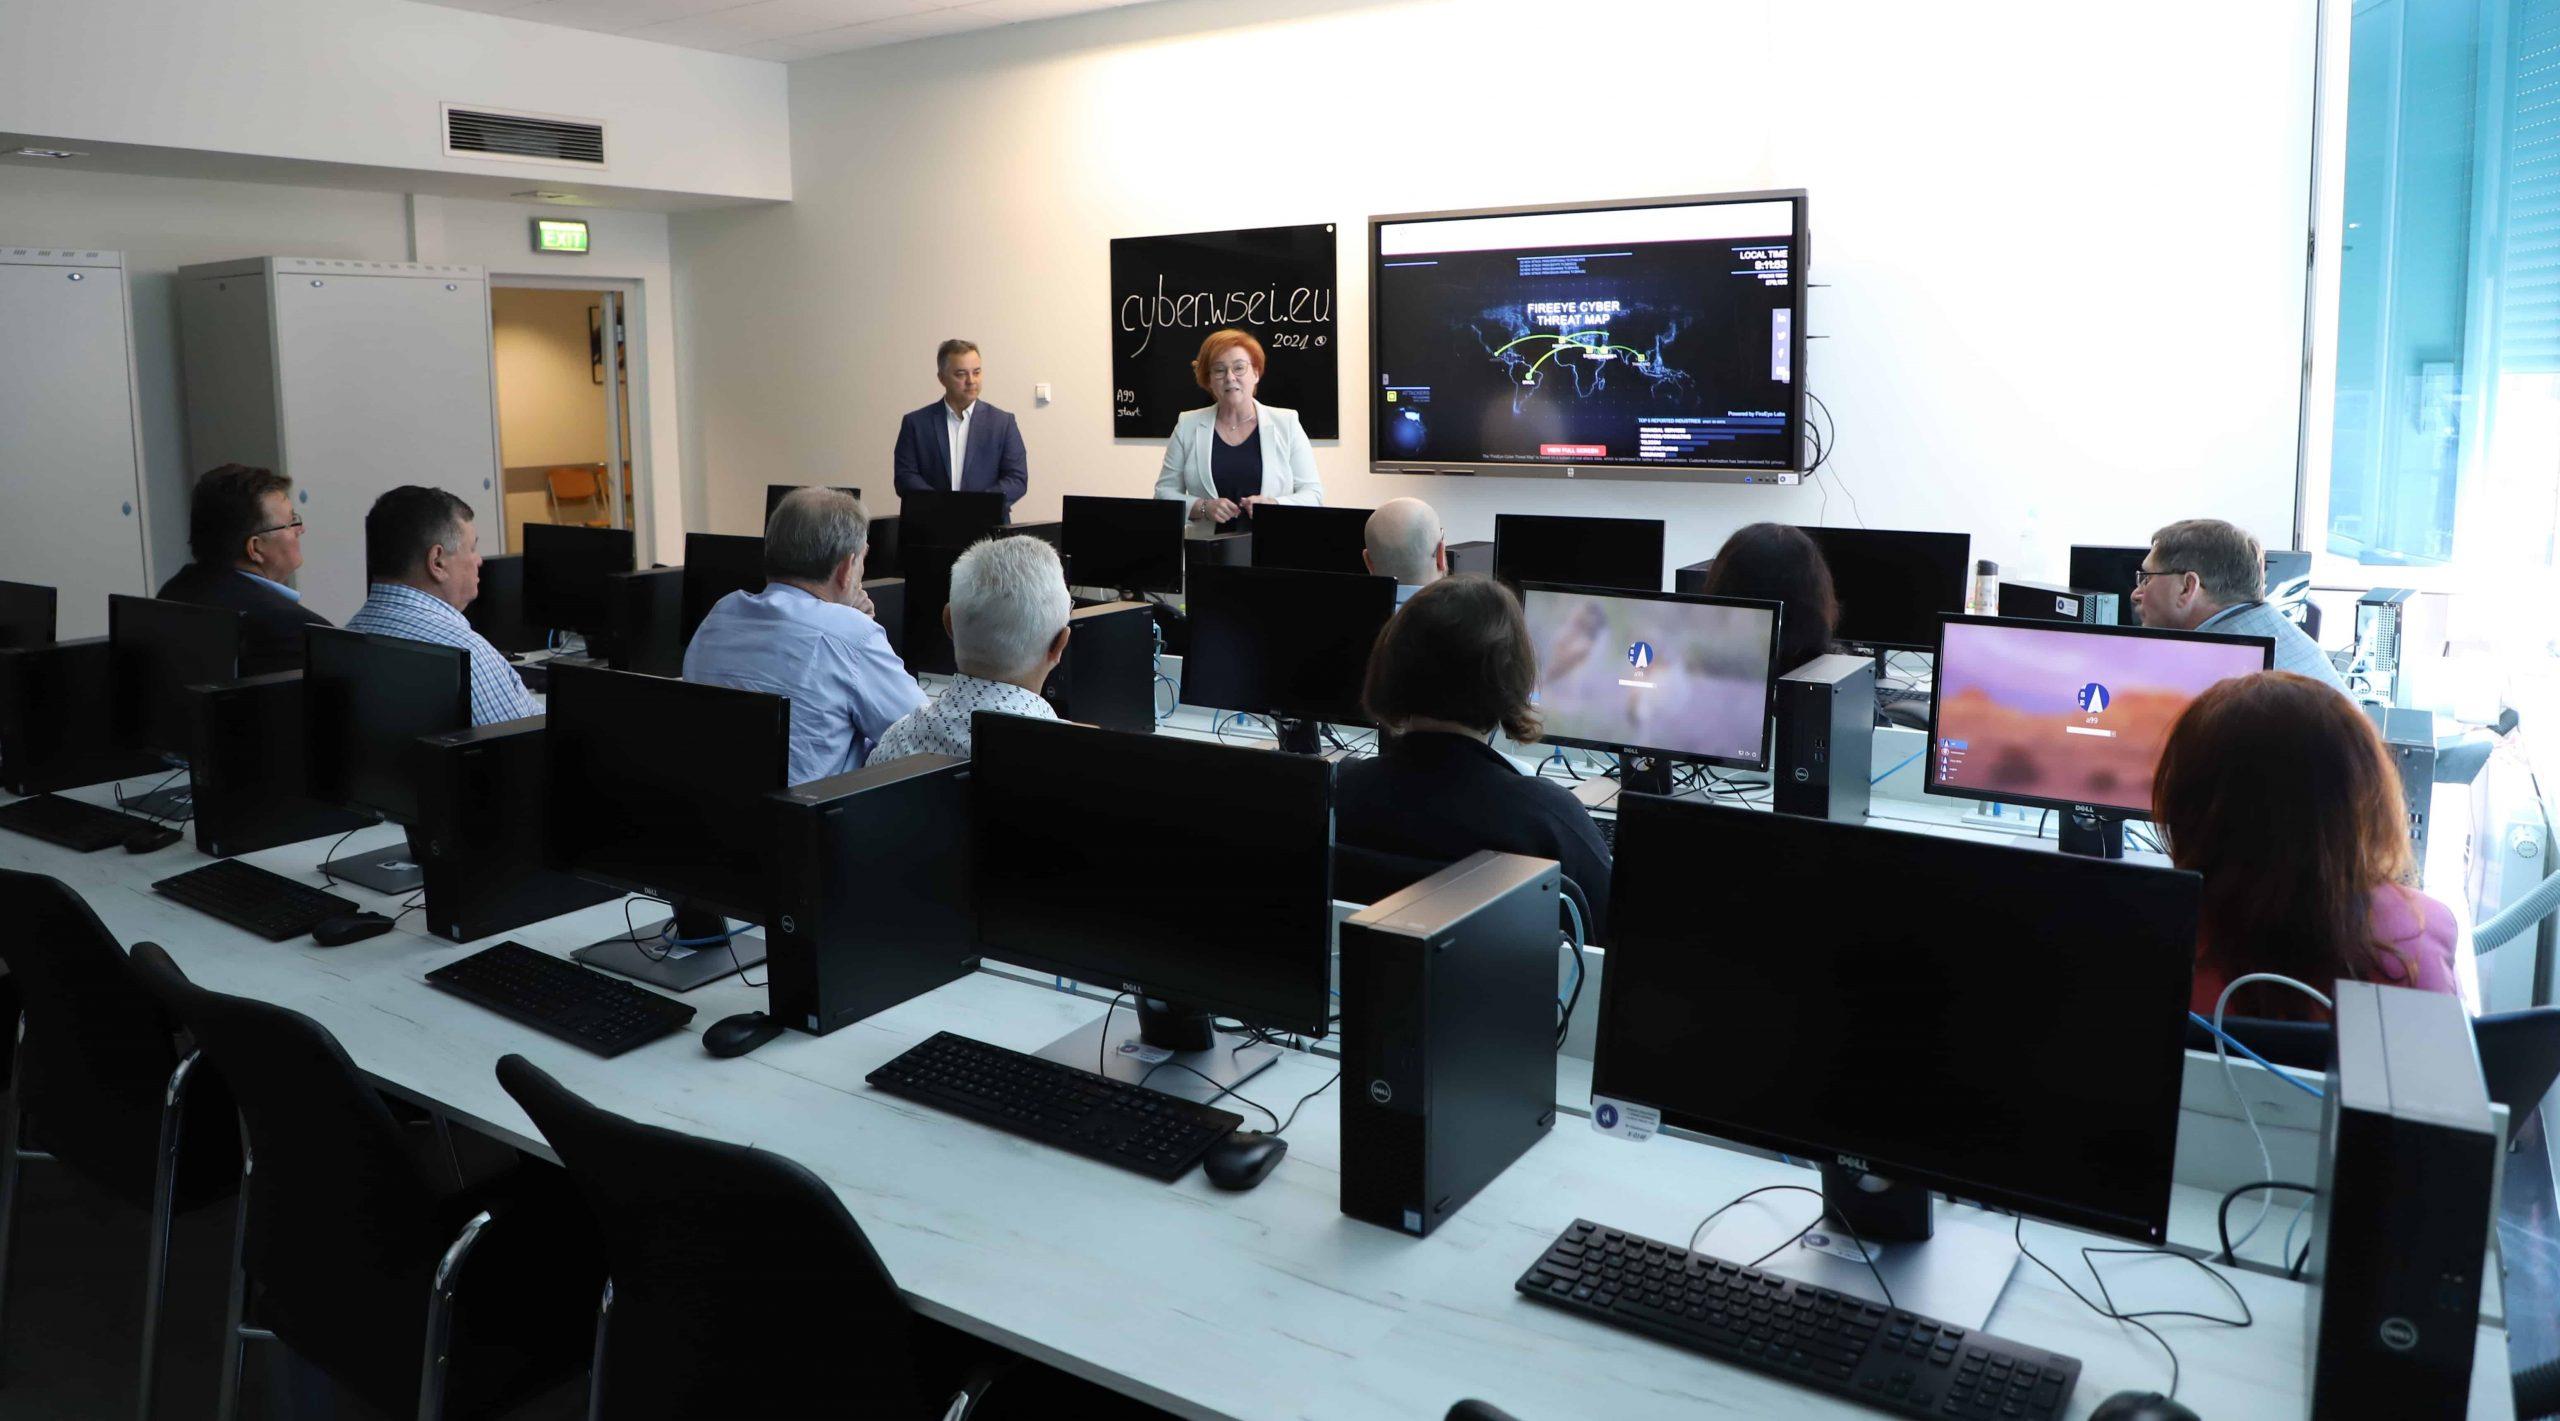 Pokaz odzyskiwania danych skasowanych z różnych nośników danych. Prezentacja Laboratorium Cyberbezpieczeństwa WSEI.